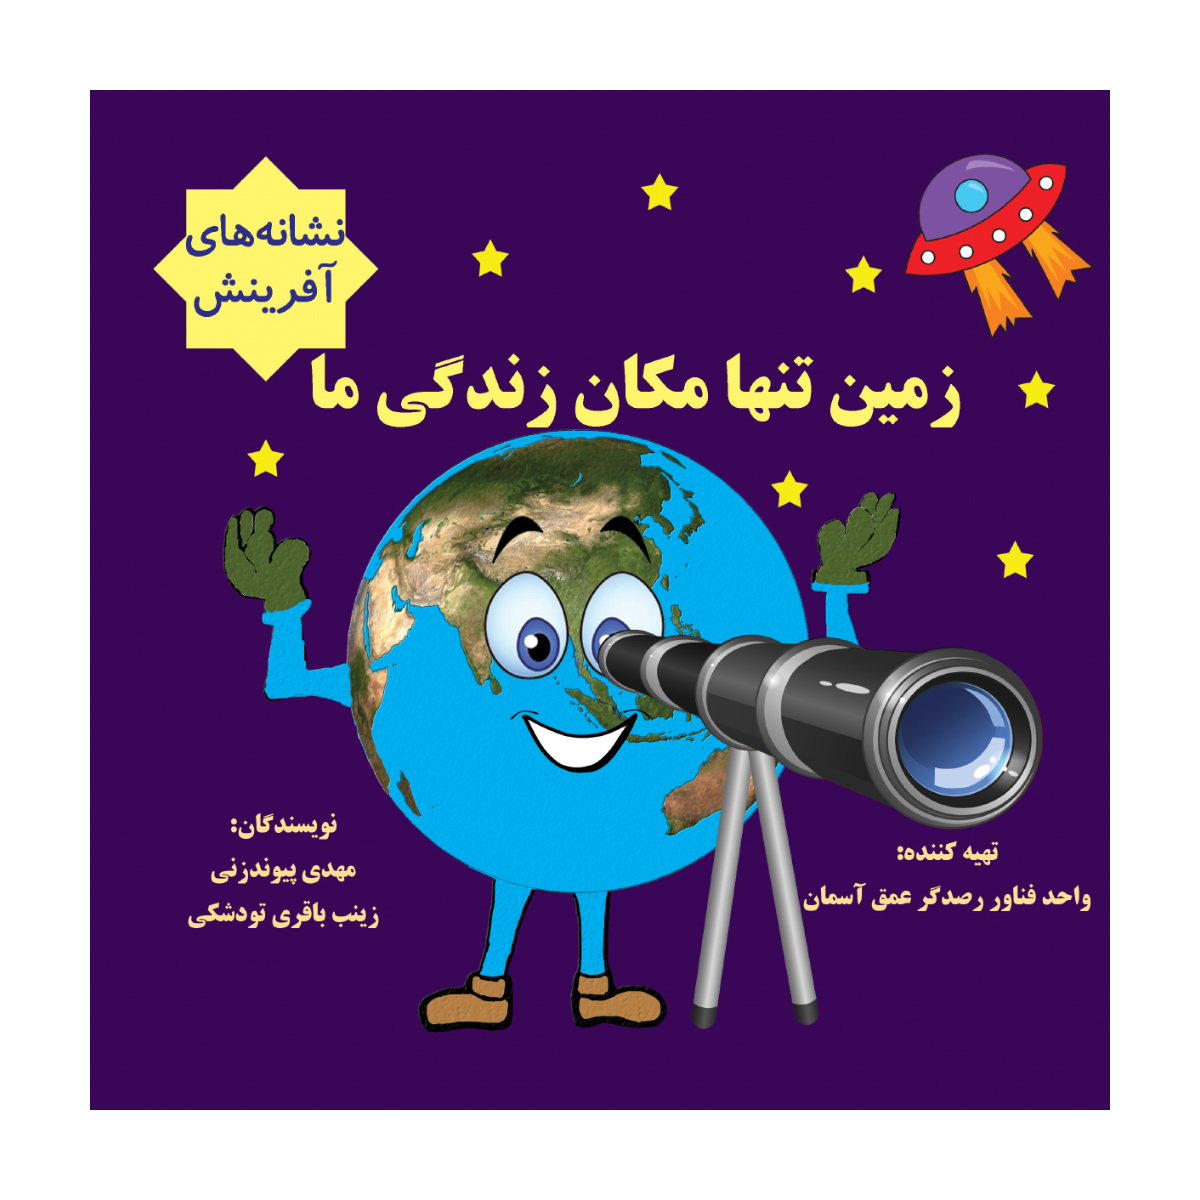 زمین تنها مکان زندگی ما